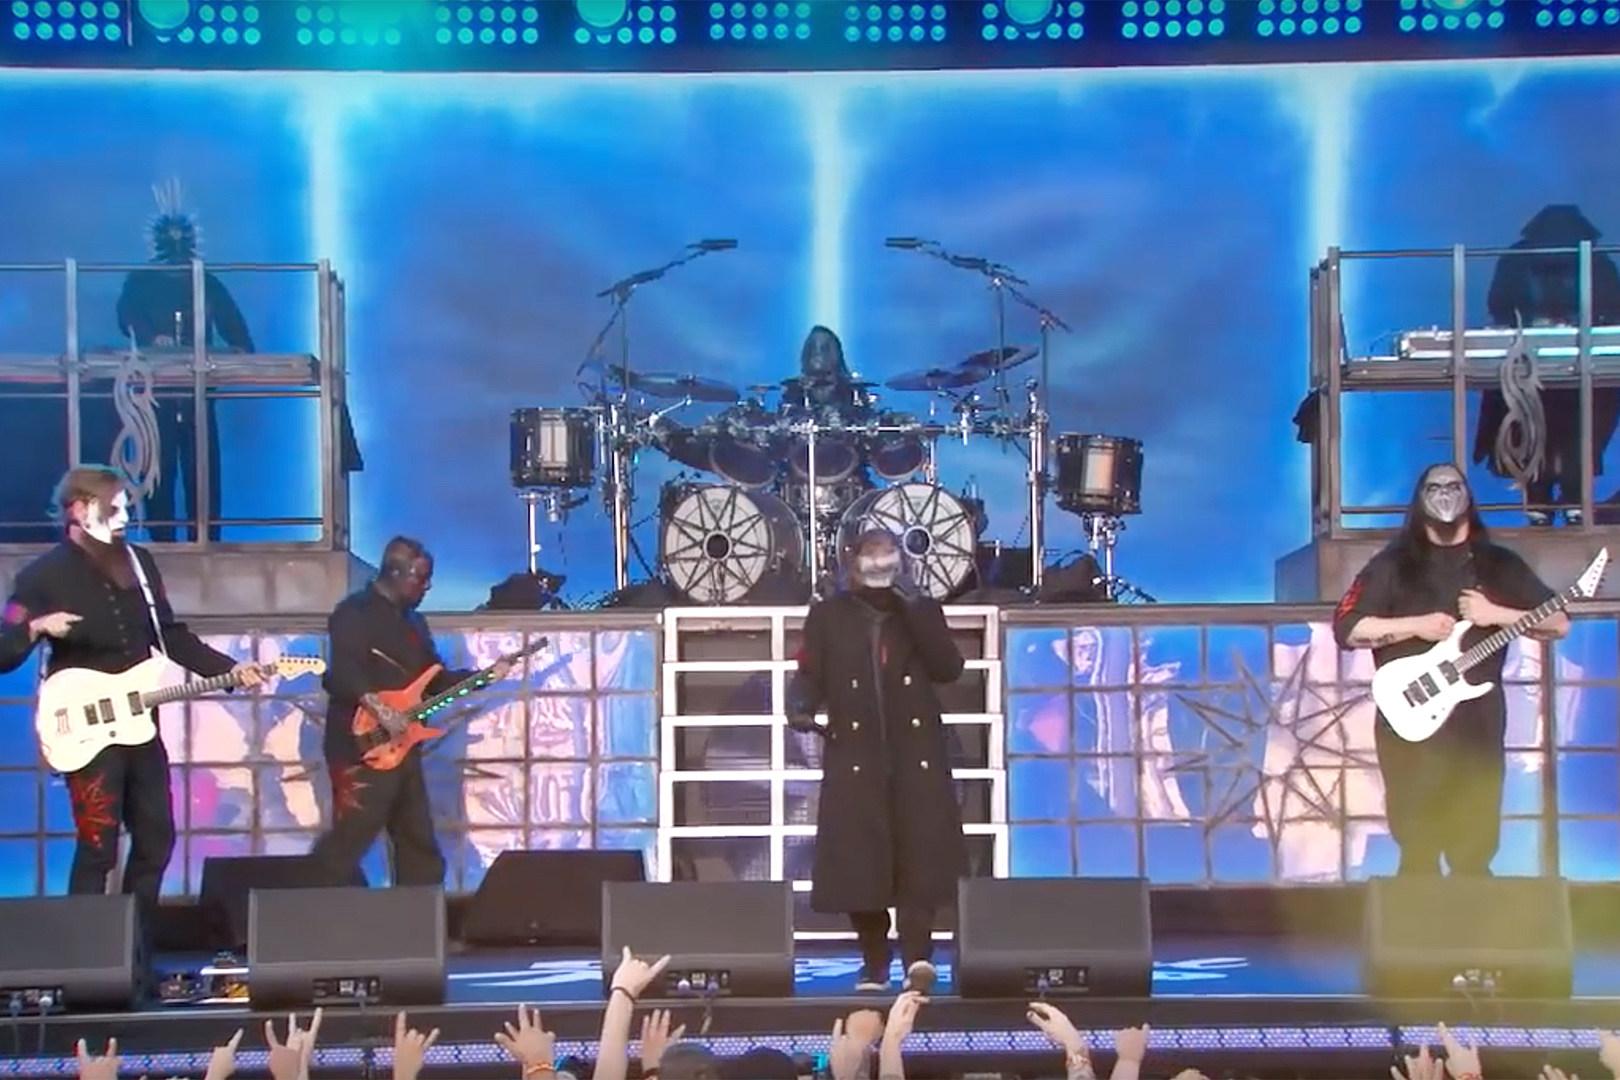 Watch Slipknot Perform on 'Jimmy Kimmel Live'